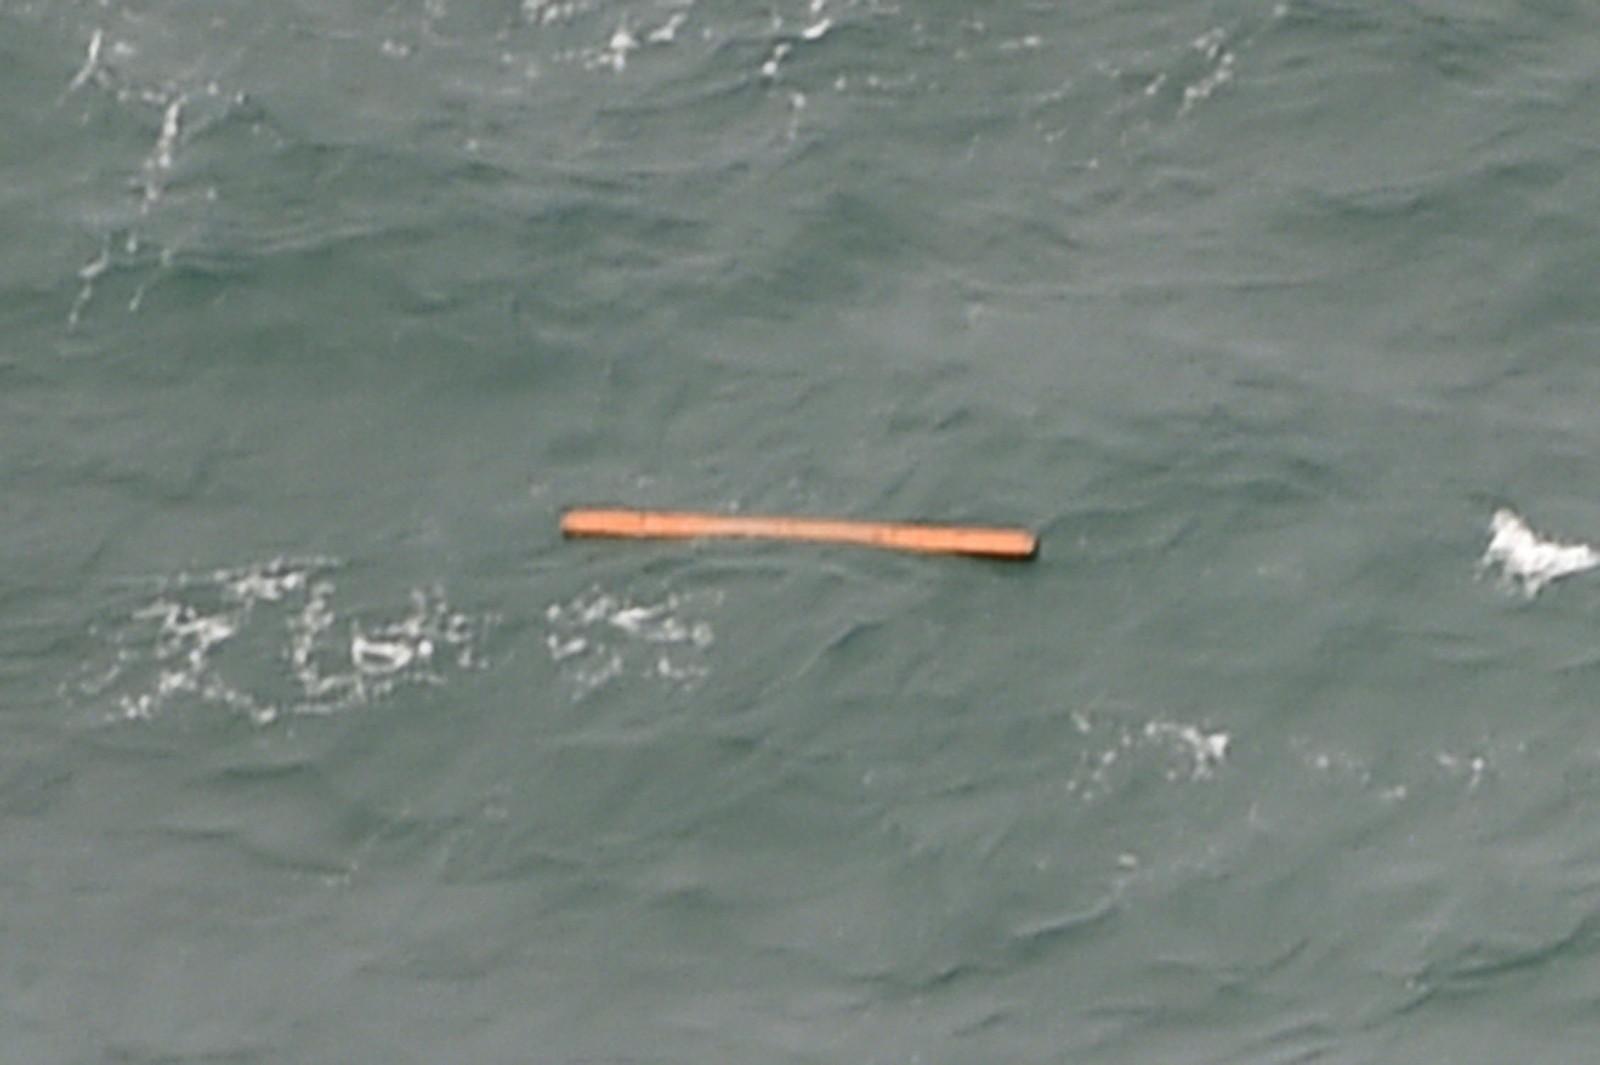 Letemannskapene fotograferte en rekke gjenstander i havet som stammer fra det savnede flyet.